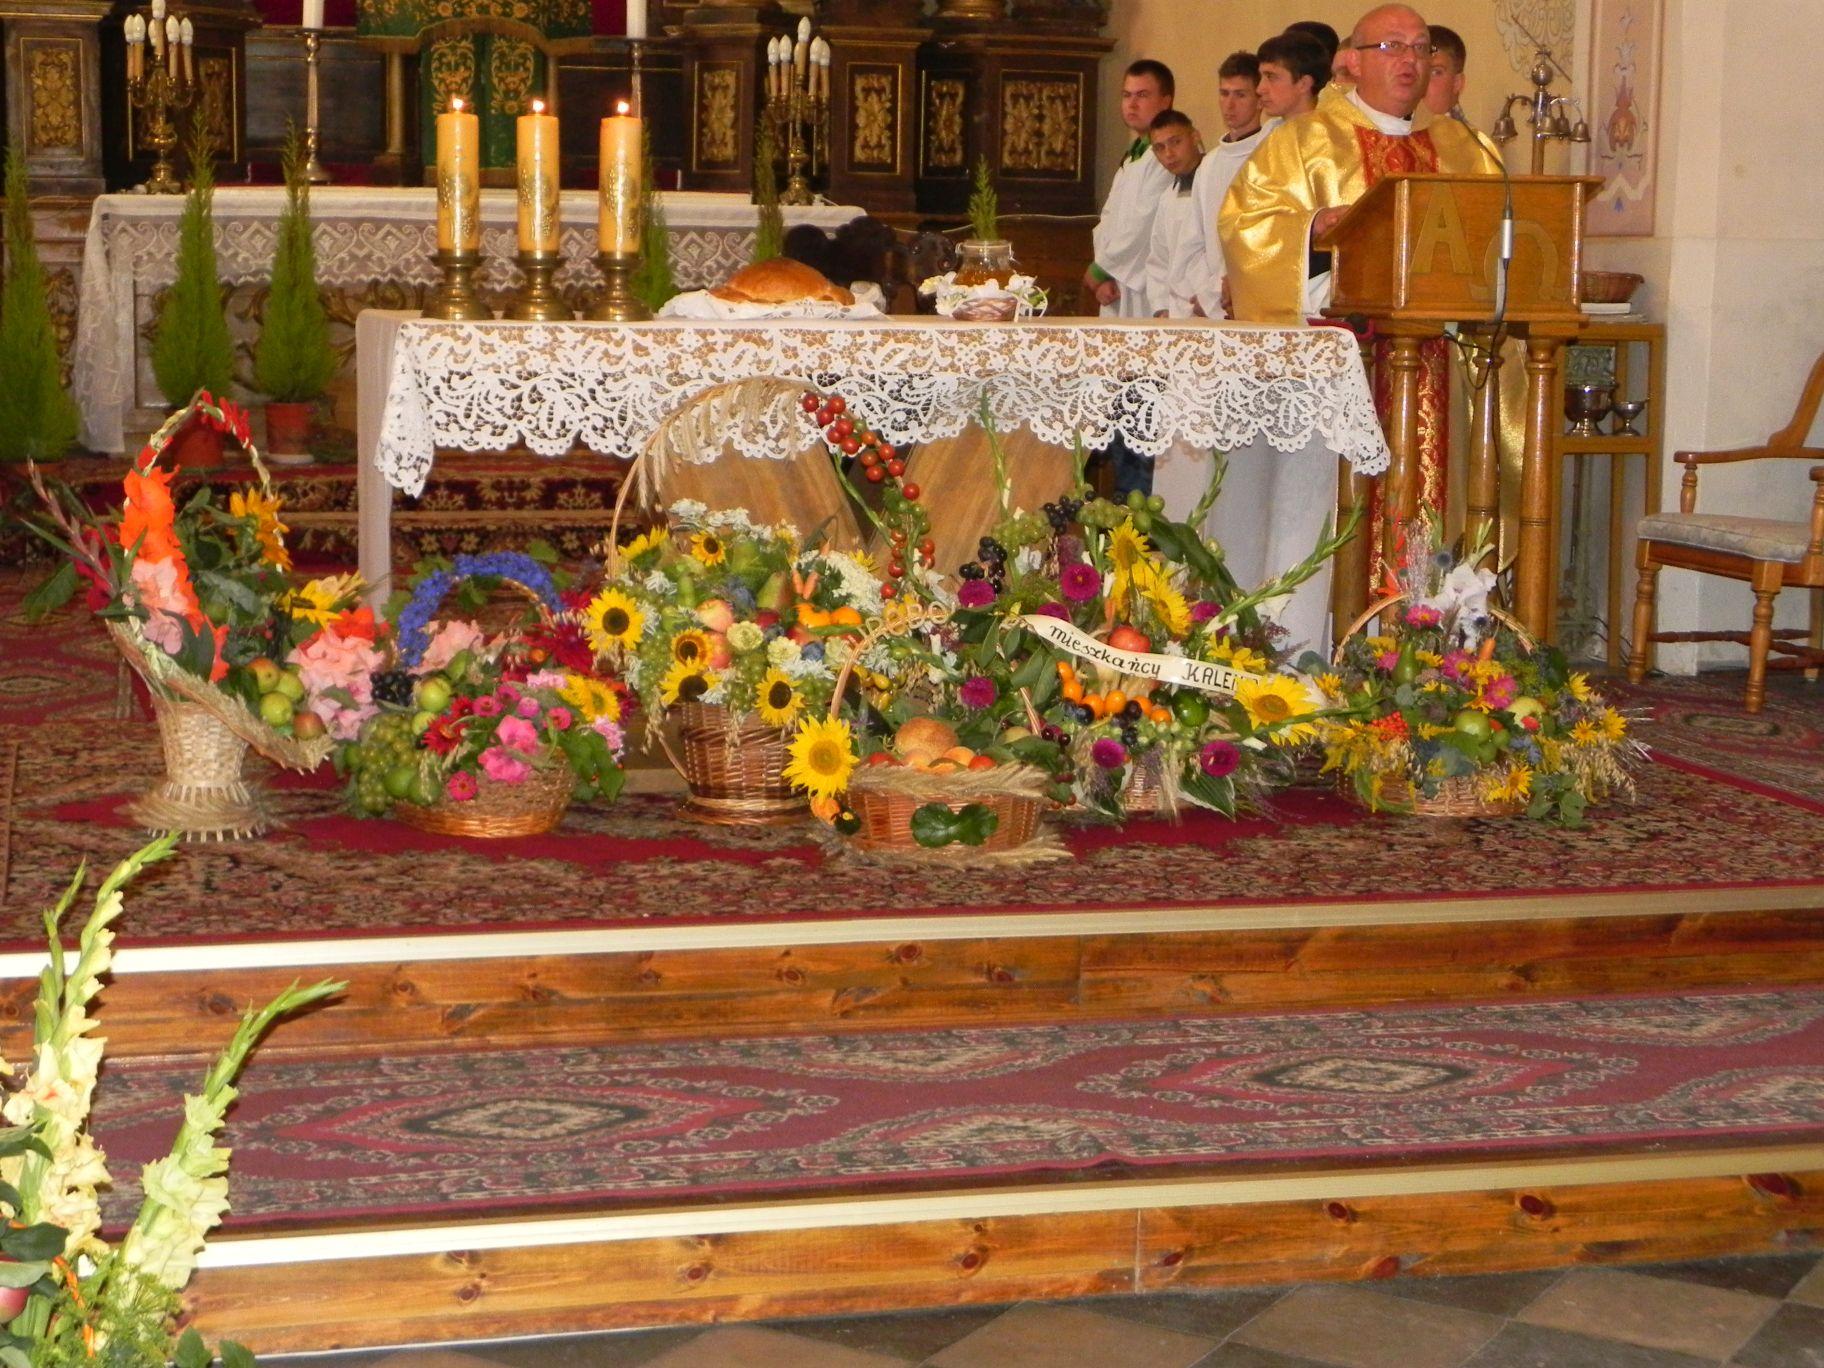 2012-08-16 Sadkowice - dożynki (26)